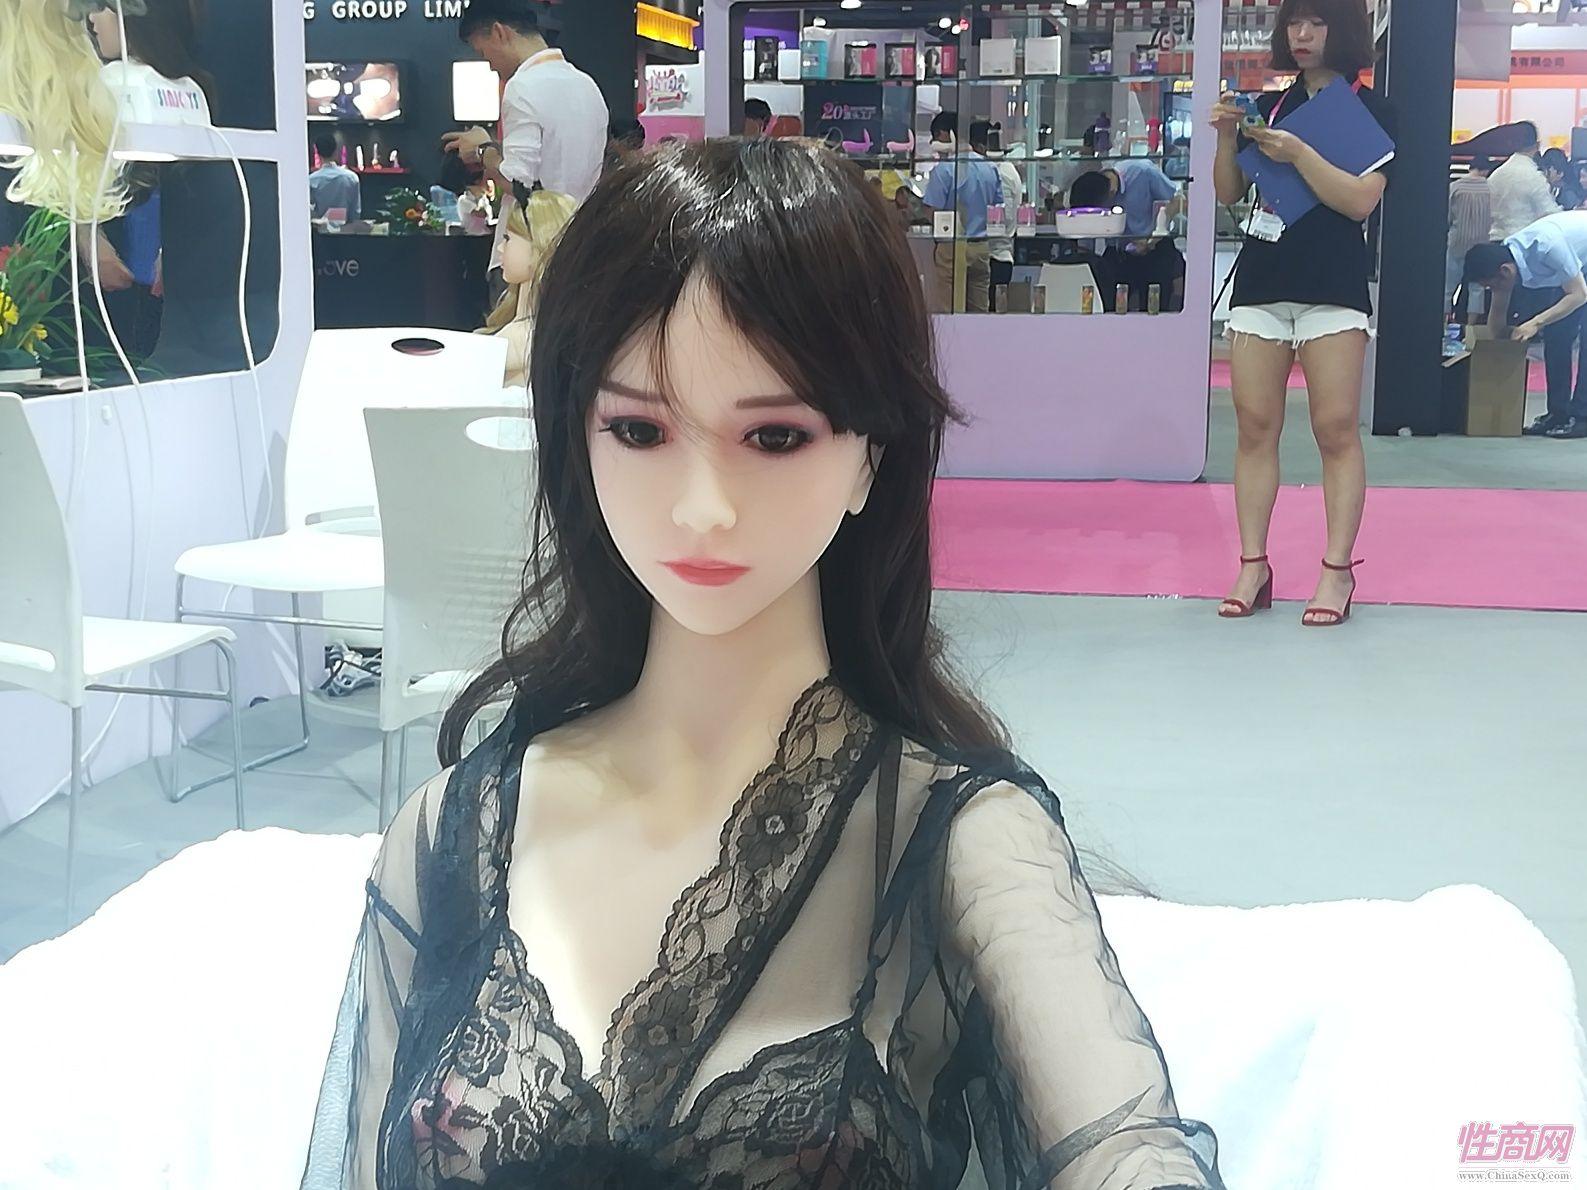 18上海成人展-实体娃娃 (2)